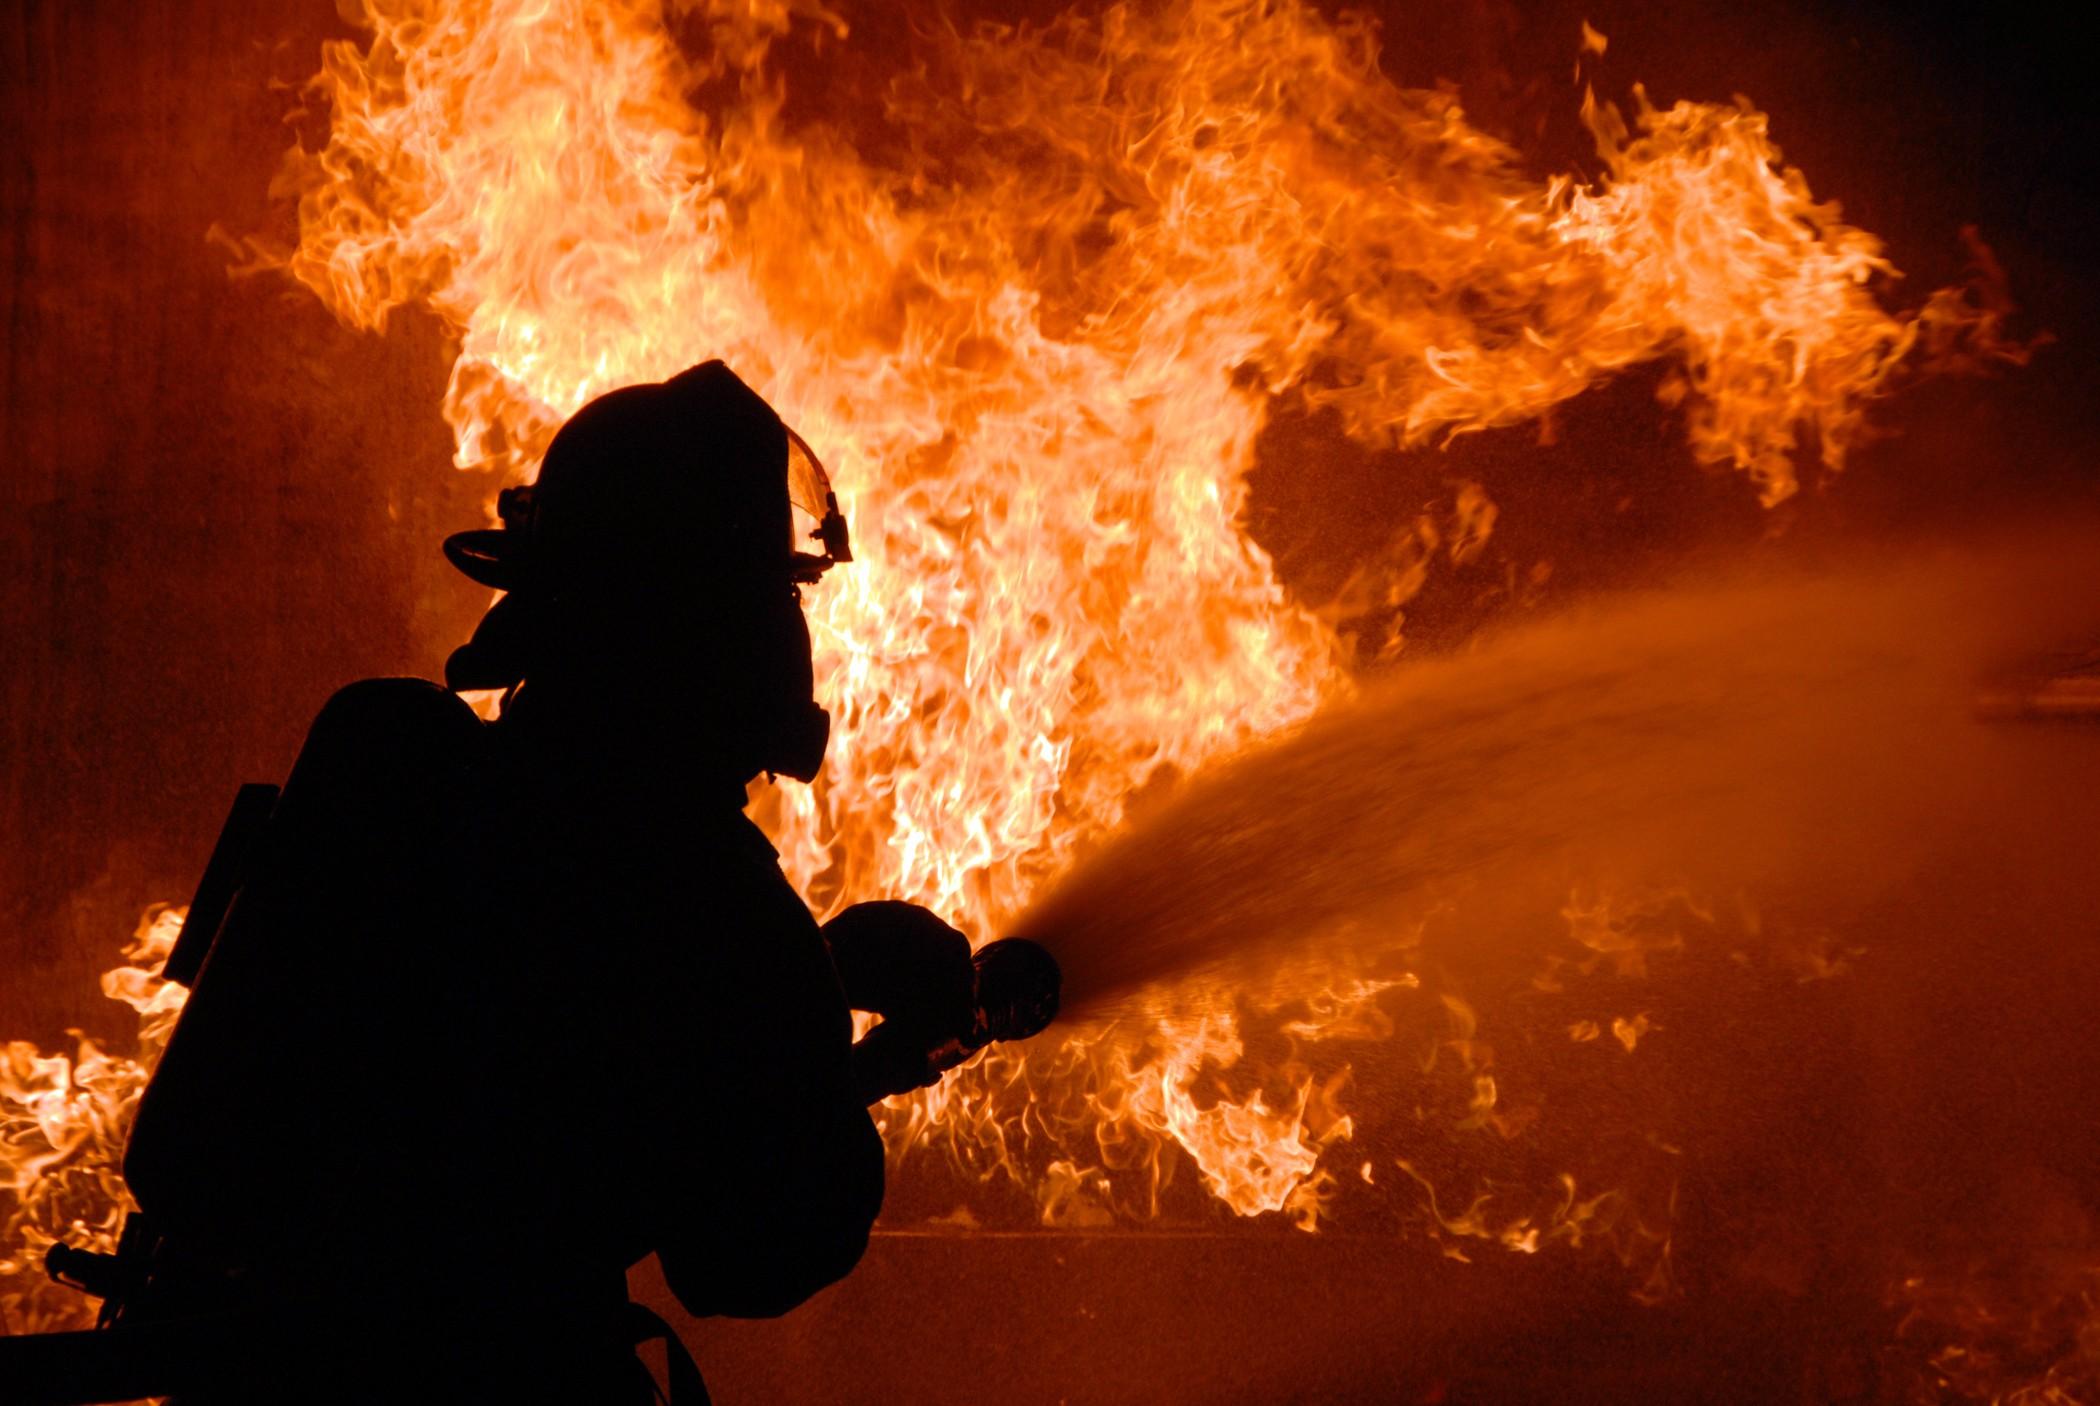 Спалахнула, як свічка: у центрі Києва горить елітна новобудова (відео)